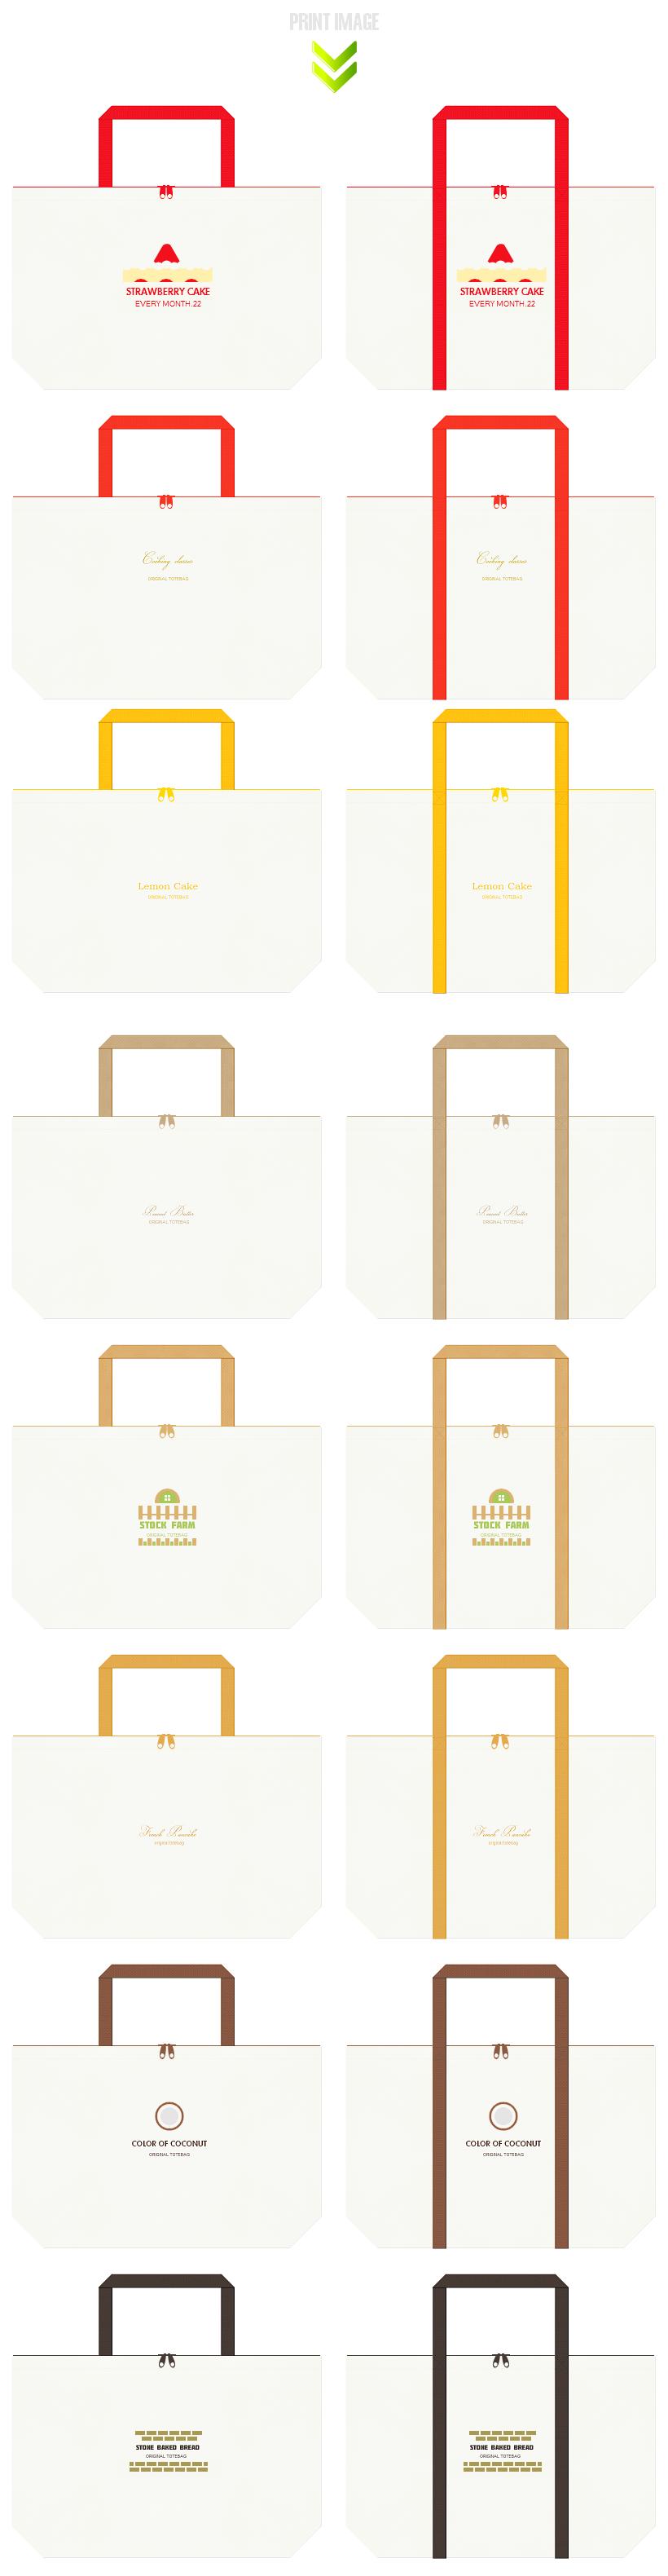 フード・ベーカリー・スイーツにお奨めの不織布バッグデザイン:オフホワイト色のコーデ